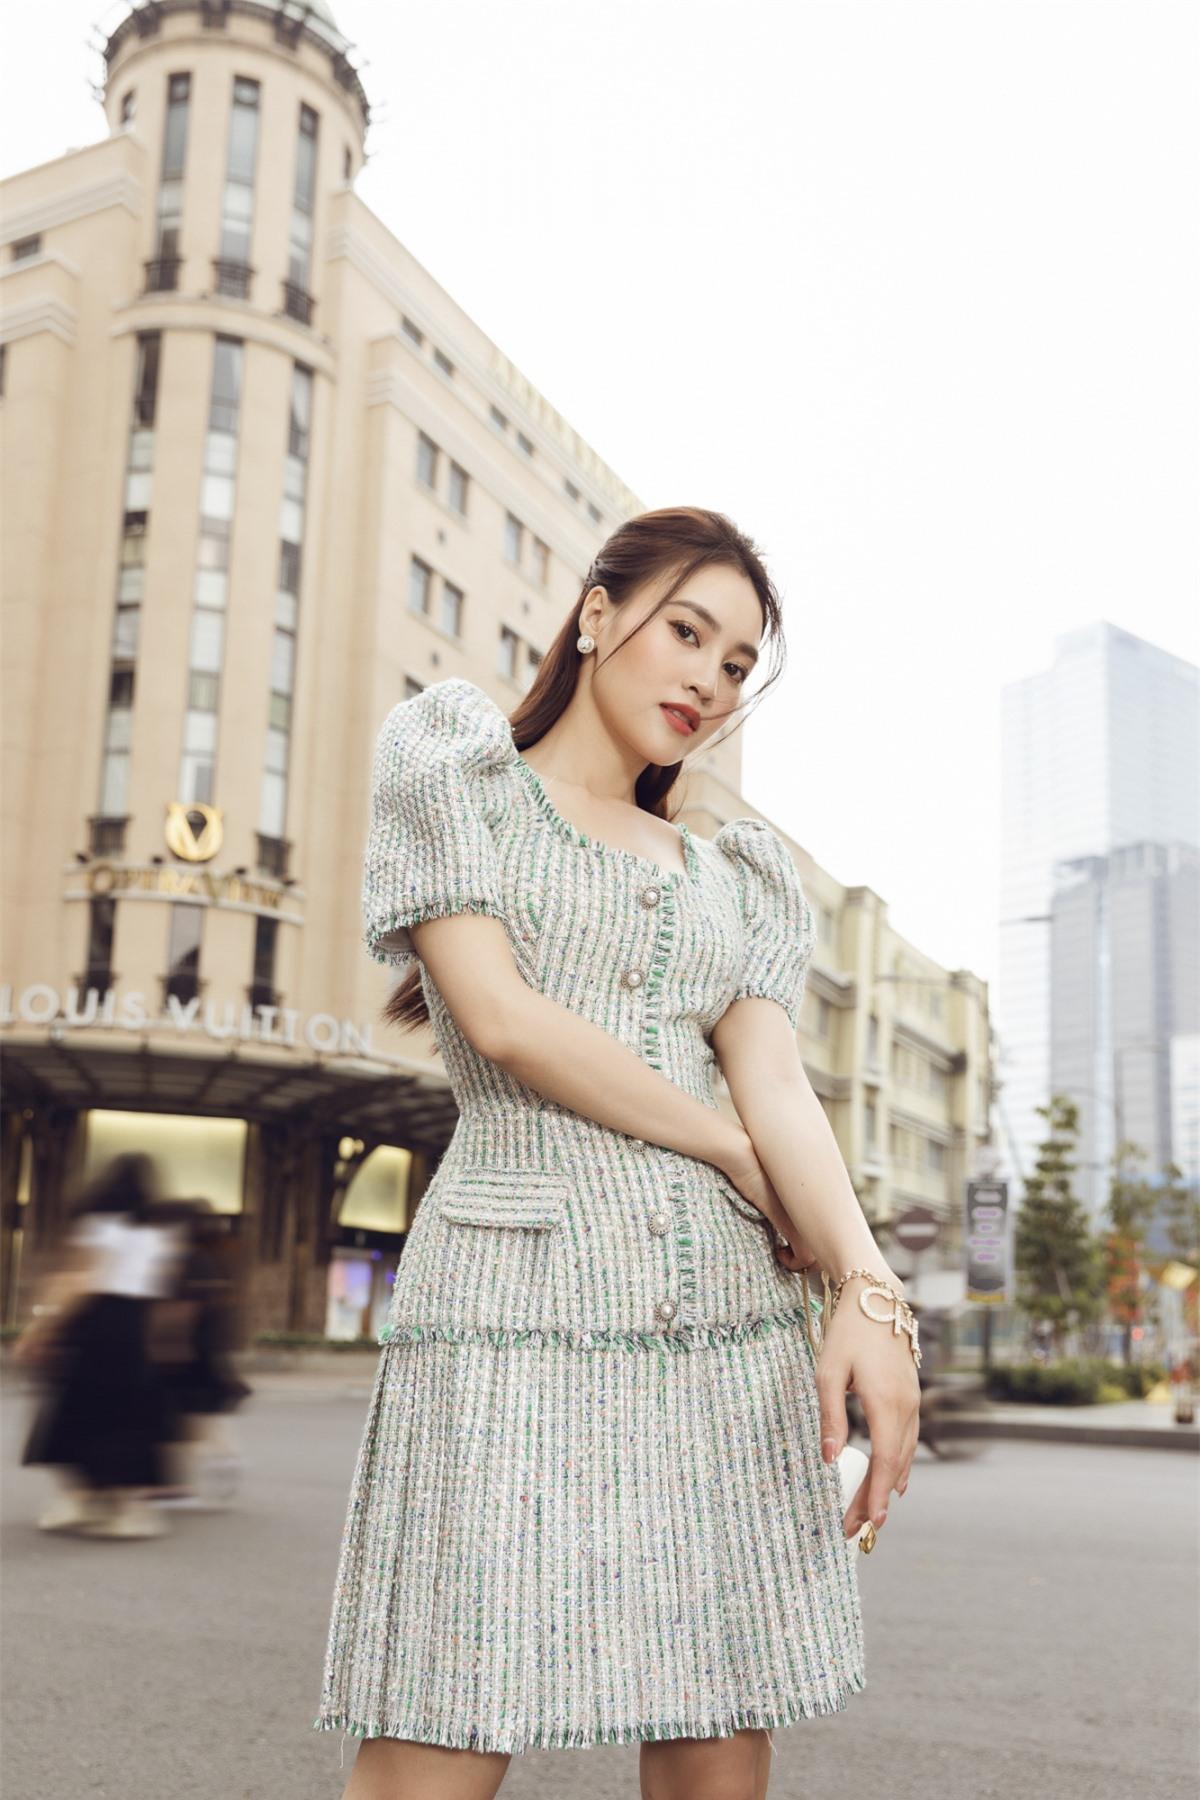 Nữ diễn viên cũng thể hiện khả năng phối đồ cao tay khi sử dụng những chiếc túi nhỏ xinh đồng màu, choker ngọc, kính mát và những đôi cao gót mũi nhọn, hay giày dây phù hợp hoàn hảo với màu sắc của những chiếc đầm.